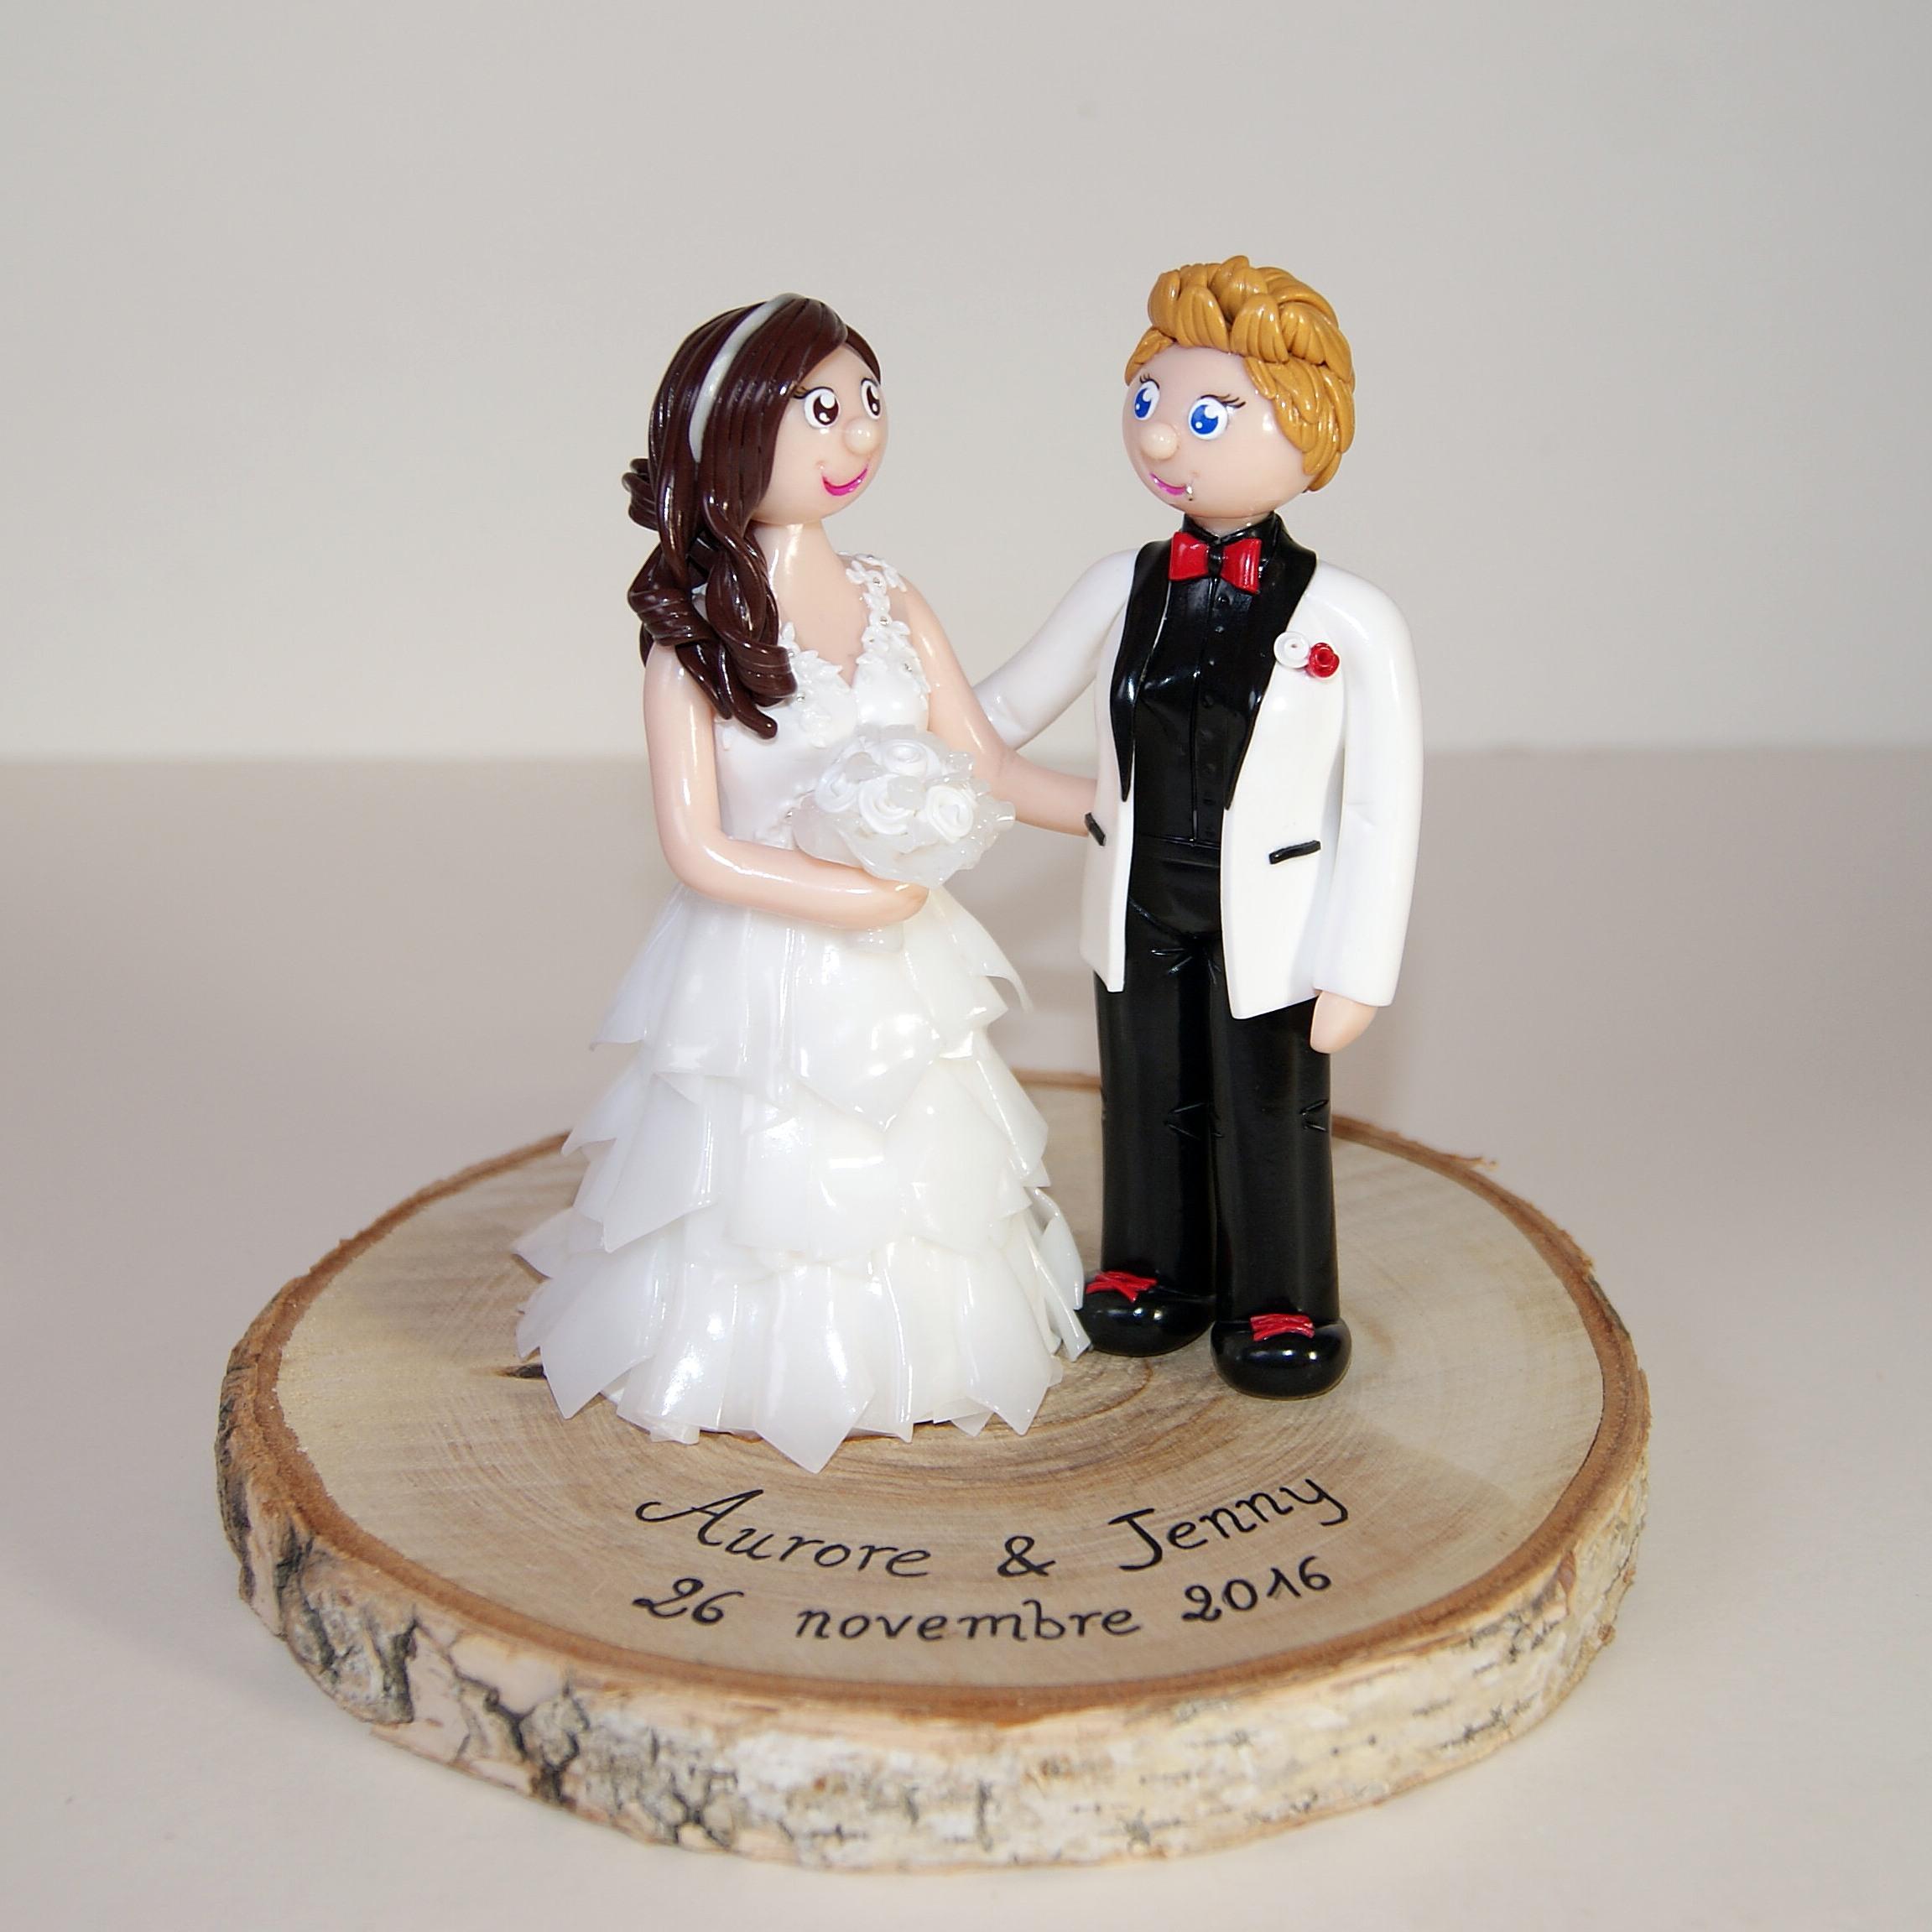 figurine de mariage, couple lesbien, sur socle en bois brut